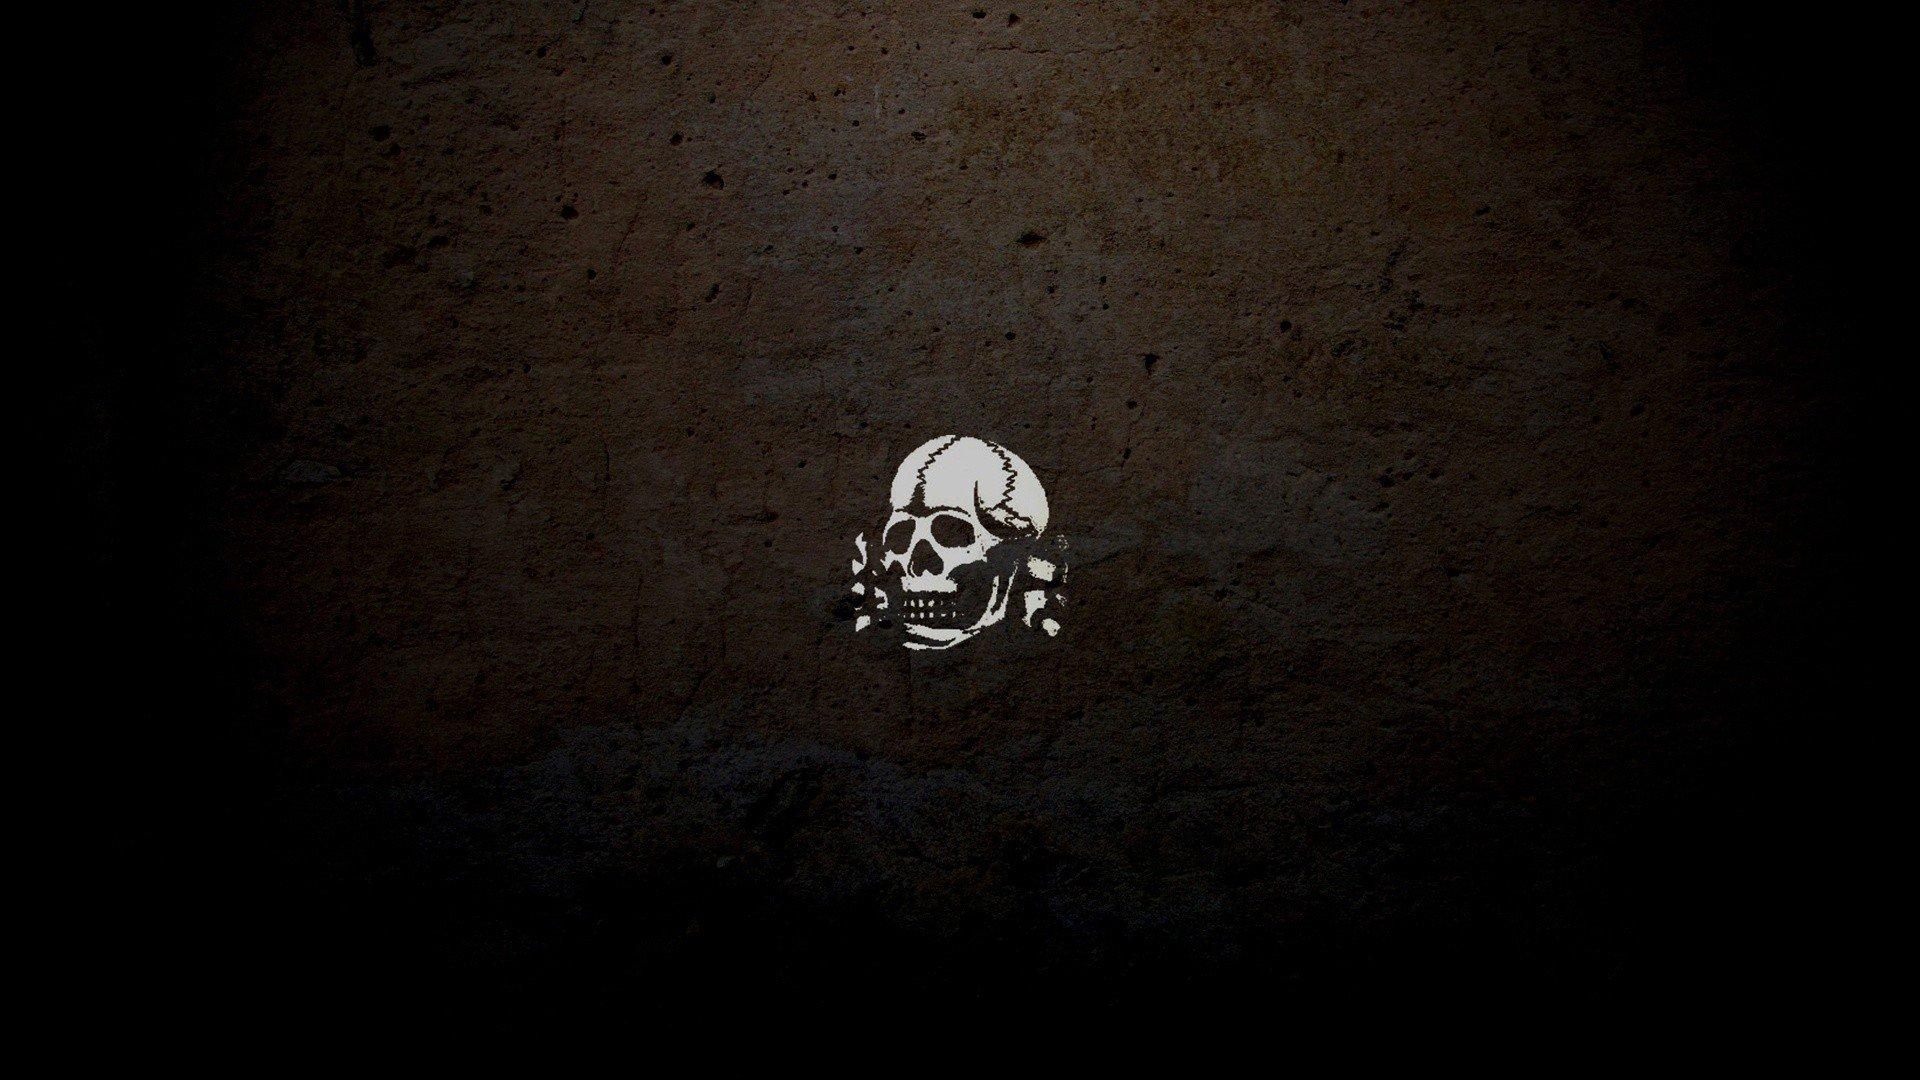 Skull and crossbones wallpaper | 1920x1080 | 286535 ...